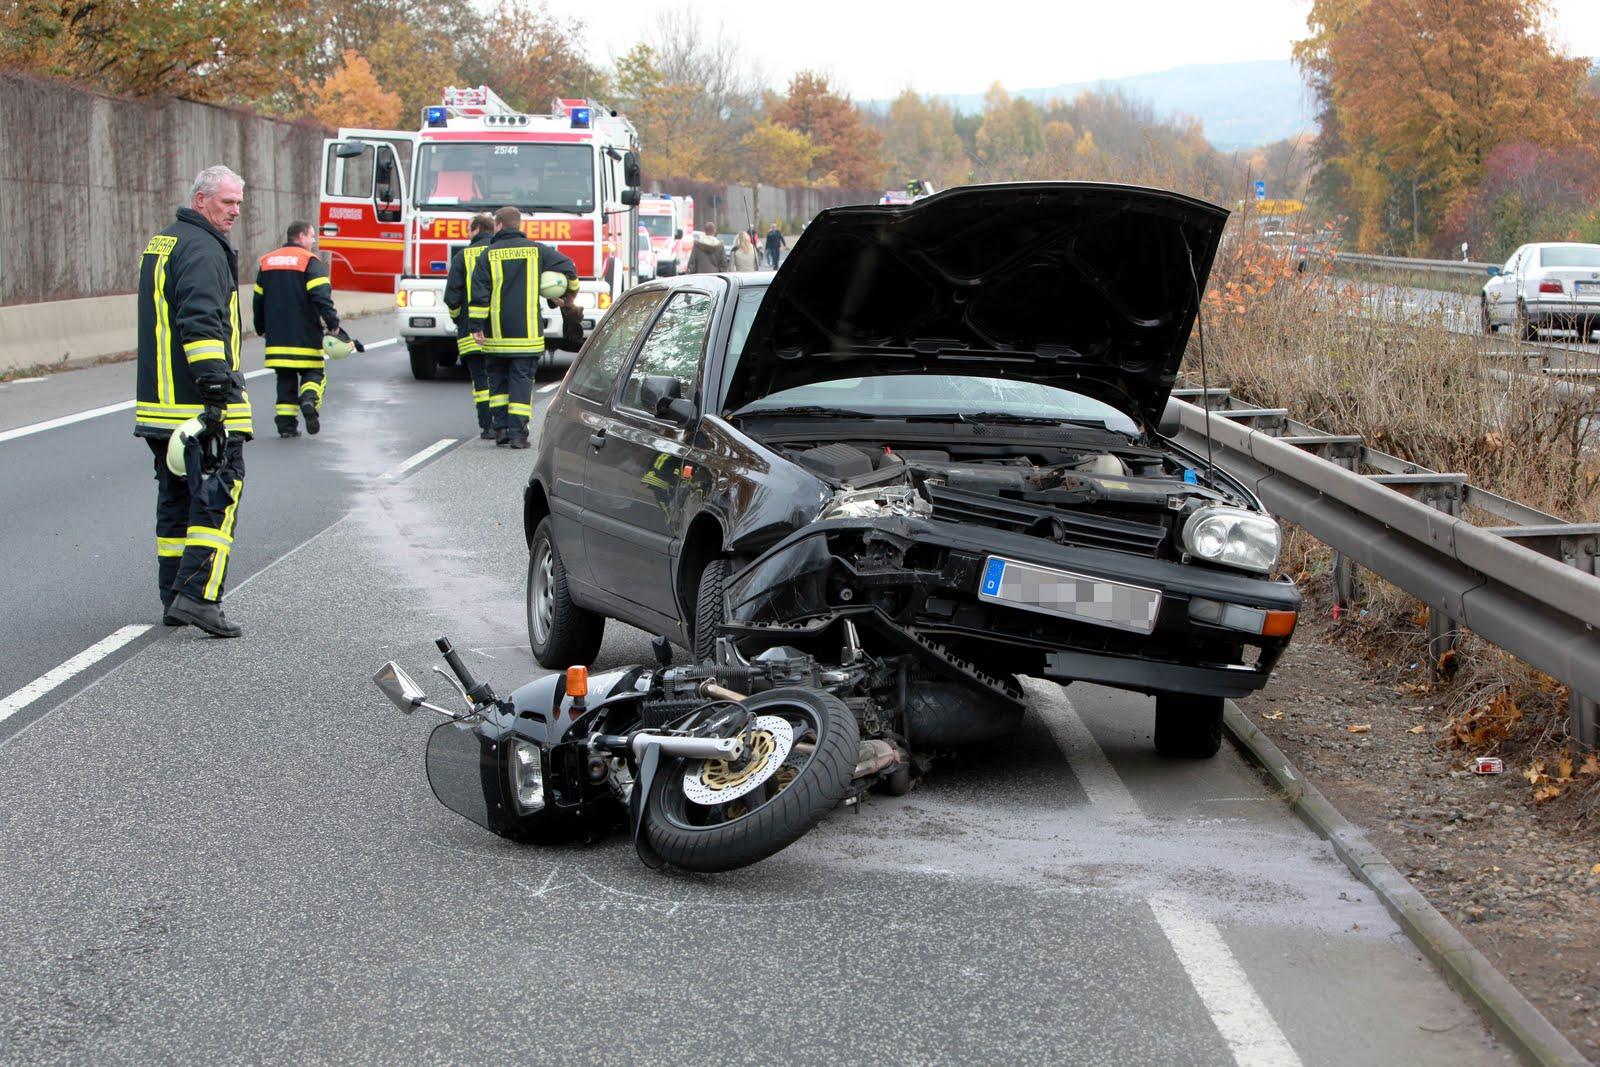 Schwerer Verkehrsunfall mit Beteiligung eines Motorradfahrers auf der B 7 im Kreis Kassel bei Niederkaufungen zwischen Kaufungen und Kassel am Samstagnachmittag (31. Oktober 2009) um 14.15 Uhr. Nach dem vorläufigen Ermittlungsergebnis der Beamten des Kasseler Polizeireviers Ost, die den Unfall vor Ort aufnahmen, ergibt sich folgender Sachstand: Ein 42-jähriger Motorradfahrer aus Großalmerode fuhr an der Anschlussstelle Niederkaufungen auf die dort 4-spurig ausgebaute B 7 in Fahrtrichtung Kassel auf und geriet vermutlich vorzeitig vom Beschleunigungsstreifen auf die rechte Fahrspur der Hauptfahrbahn. Die dort mit ihrem Pkw fahrende 25-jährige Frau aus Kassel kollidierte vermutlich in Folge eines Ausweichmanövers mit einem auf dem linken Fahrstreifen von hinten herannahenden VW Golf, der von einem 24-jährigen Mann aus Kassel gesteuert wurde. Der Golf geriet ins Schleudern, wobei er auch die Mittelleitplanke streifte, und fuhr dann auf das Motorrad von hinten auf. Der Motorradfahrer zog sich bei dem Aufprall auf den Pkw und dem anschließenden Sturz auf die Fahrbahn lebensgefährliche Verletzungen zu. Sein Motorrad wurde vorn unter dem Golf eingeklemmt und noch ca. 400m weit mitgeschleift. Der Motorradfahrer wurde ins Klinikum Kassel eingeliefert. Die beiden Pkw-Fahrer erlitten einen Schock und wurden vorsorglich in Kasseler Krankenhäusern aufgenommen. Mit der endgültigen Rekonstruktion des Unfallgeschehens wurde auf Anordnung der Staatsanwaltschaft ein Gutachter beauftragt. Es entstand Sachschaden in Höhe von ca. 10.000,- Euro. Die B 7 war in Fahrtrichtung Kassel bis gegen 17:00 Uhr gesperrt. Der Verkehr wurde durch Polizeibeamte örtlich umgeleitet, teilte das Polizeipräsidium Nordhessen mit.